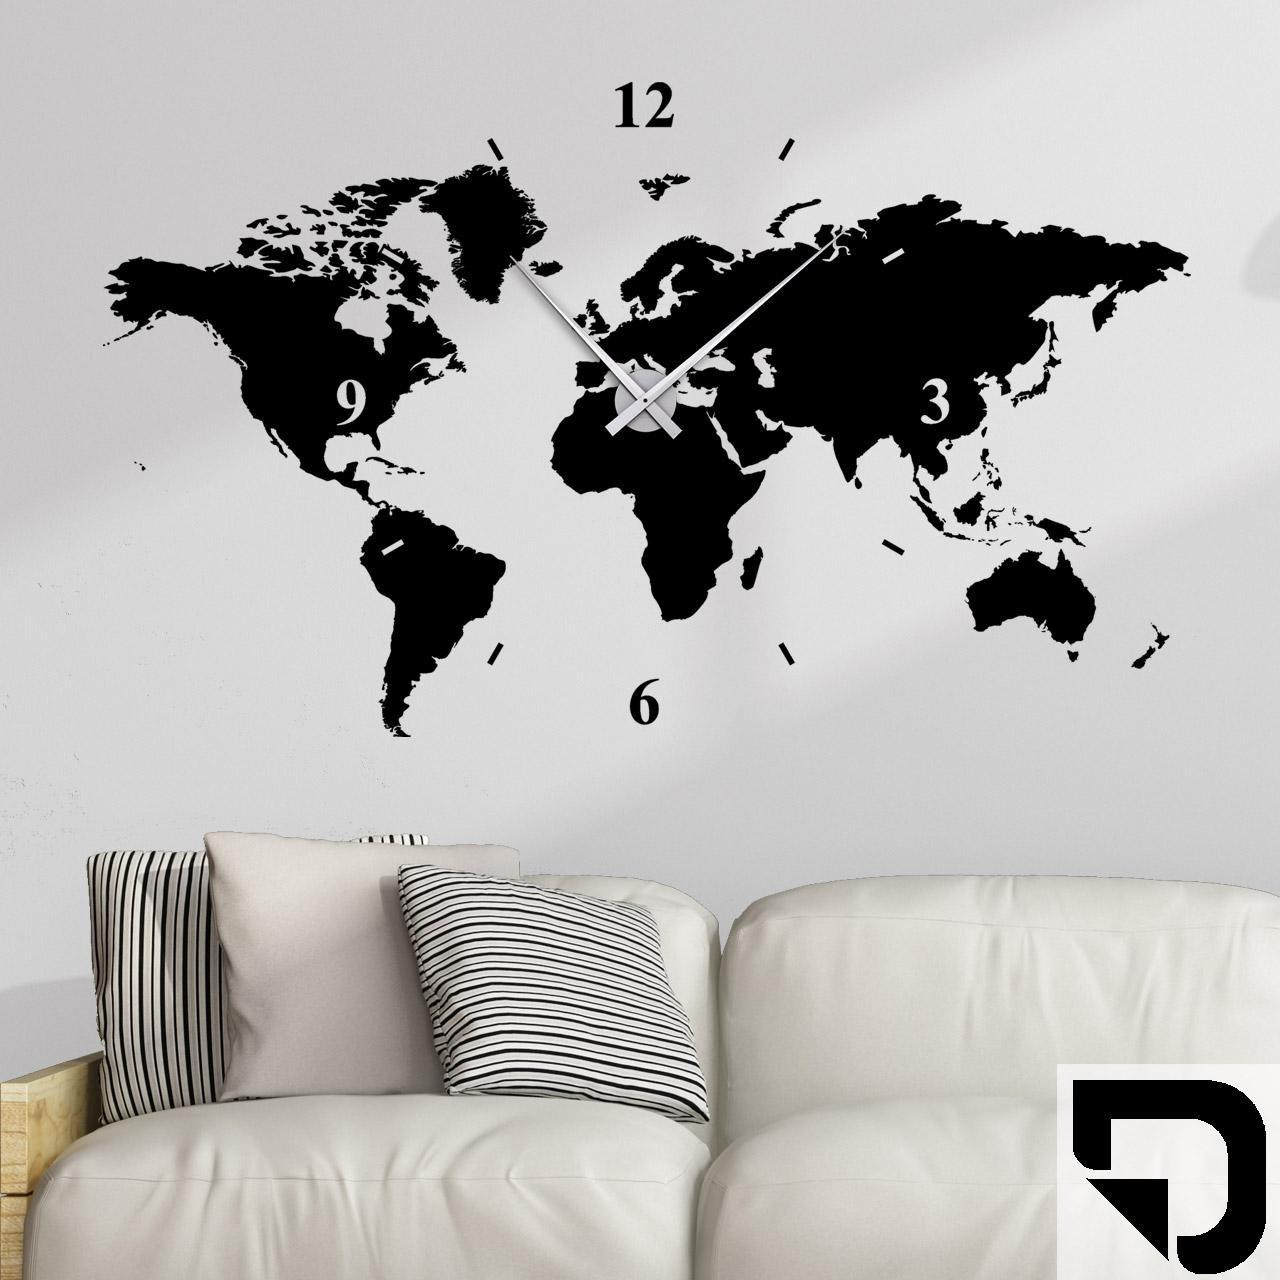 DESIGNSCAPE® Wandtattoo Uhr Weltkarte 100 x 60 cm (B x H) schwarz inkl. Uhrwerk schwarz, Umlauf 44cm DW813006-M-F4-BK